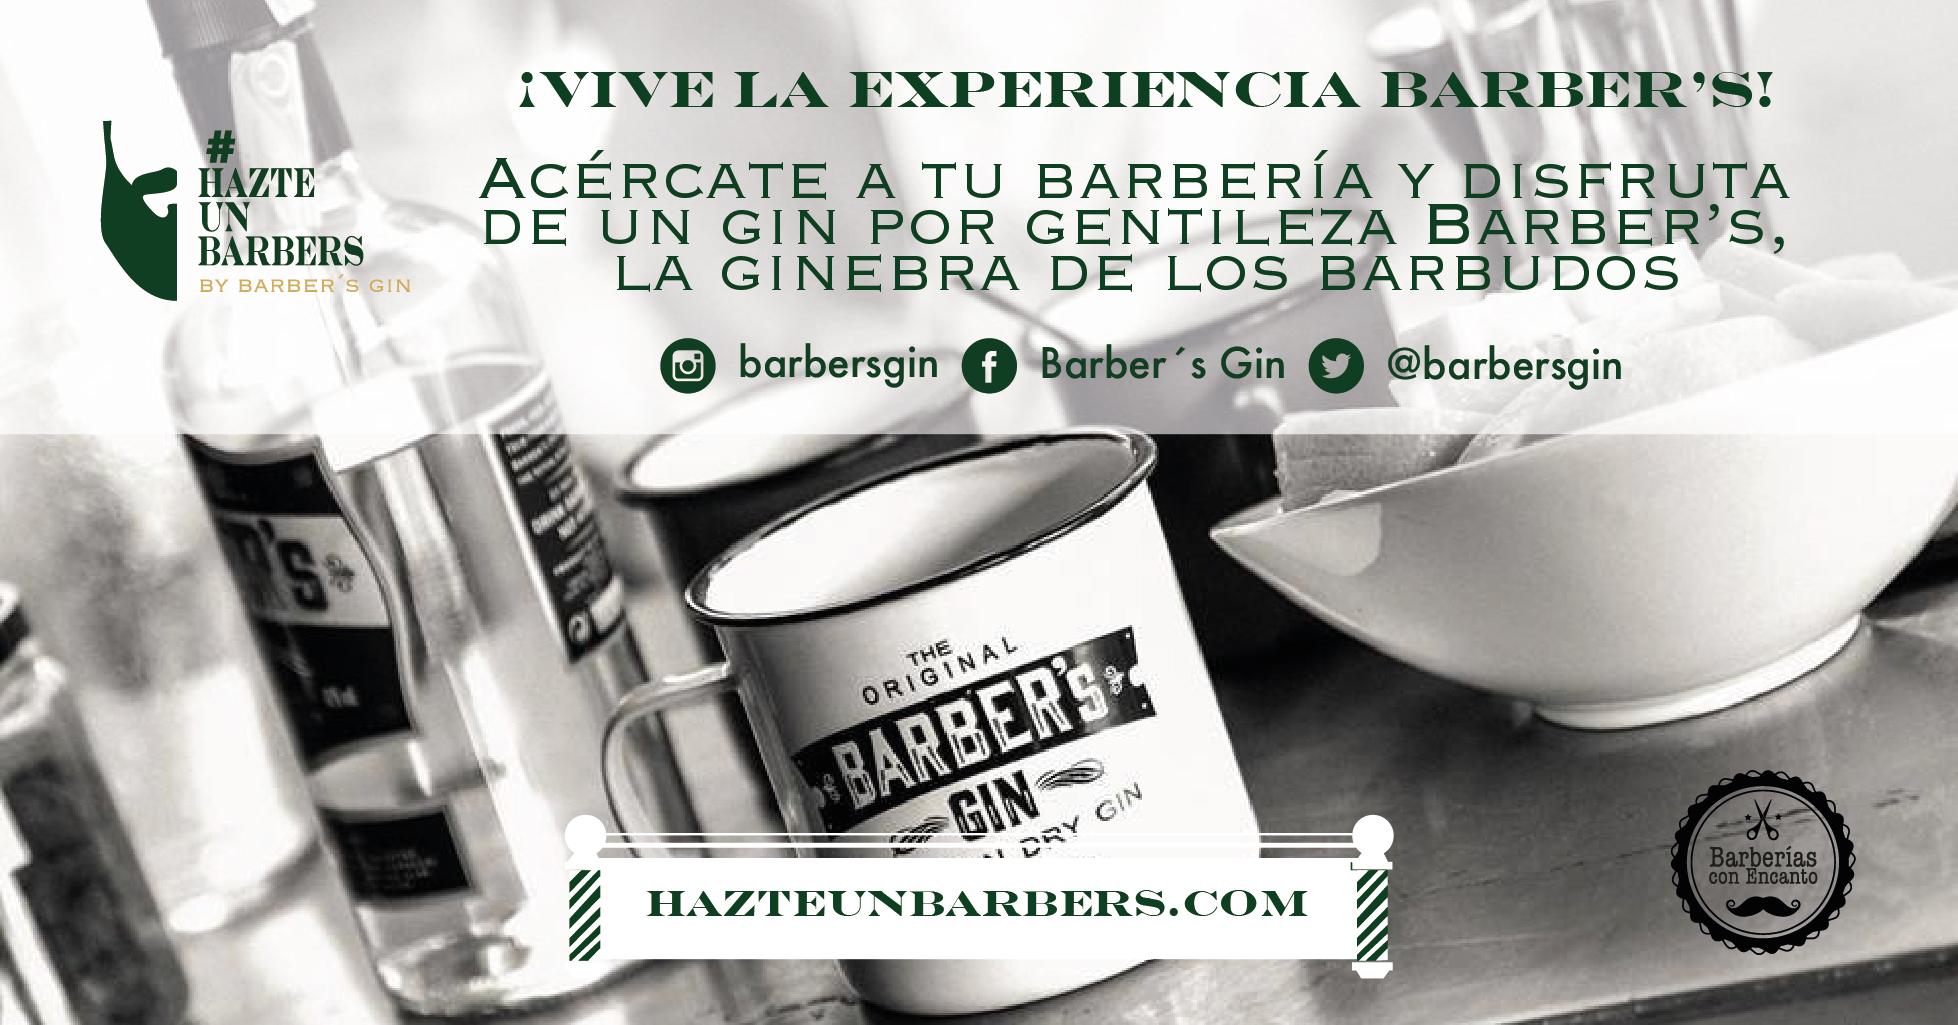 Vive la Experiencia Barber's Gin en Las Barberas de Sevilla